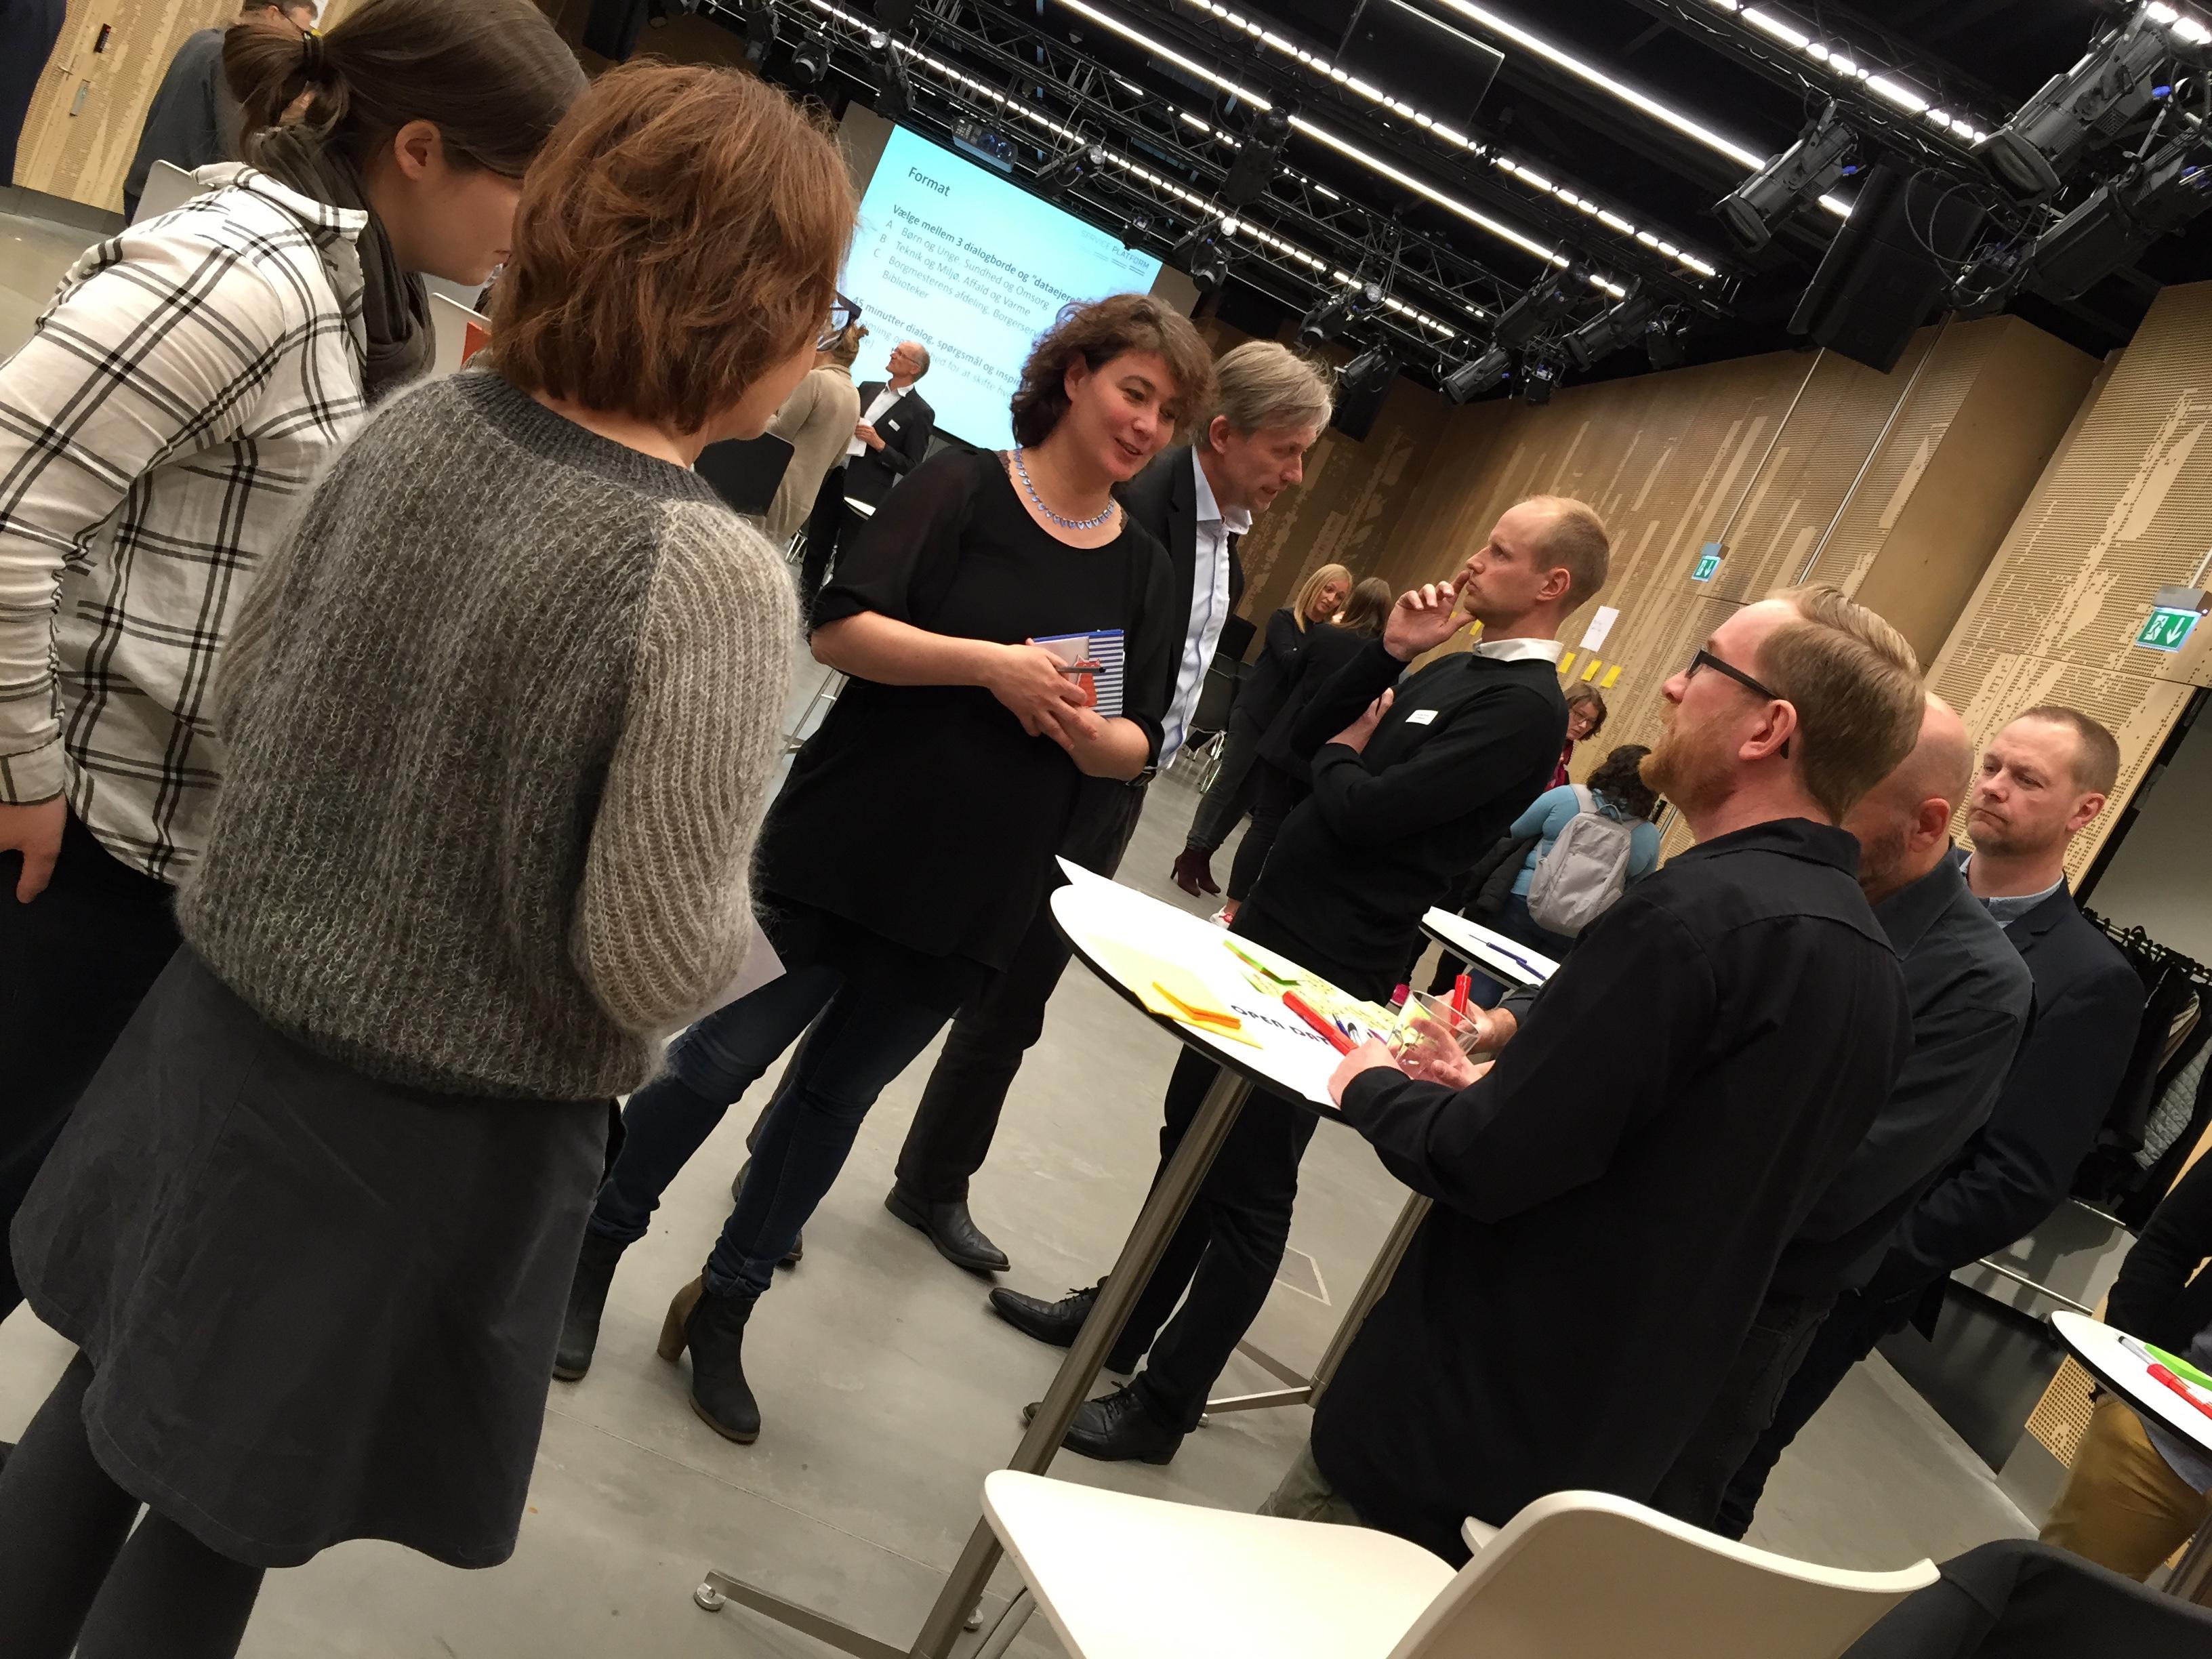 Mød Open Data DK på Digitaliseringsmessen